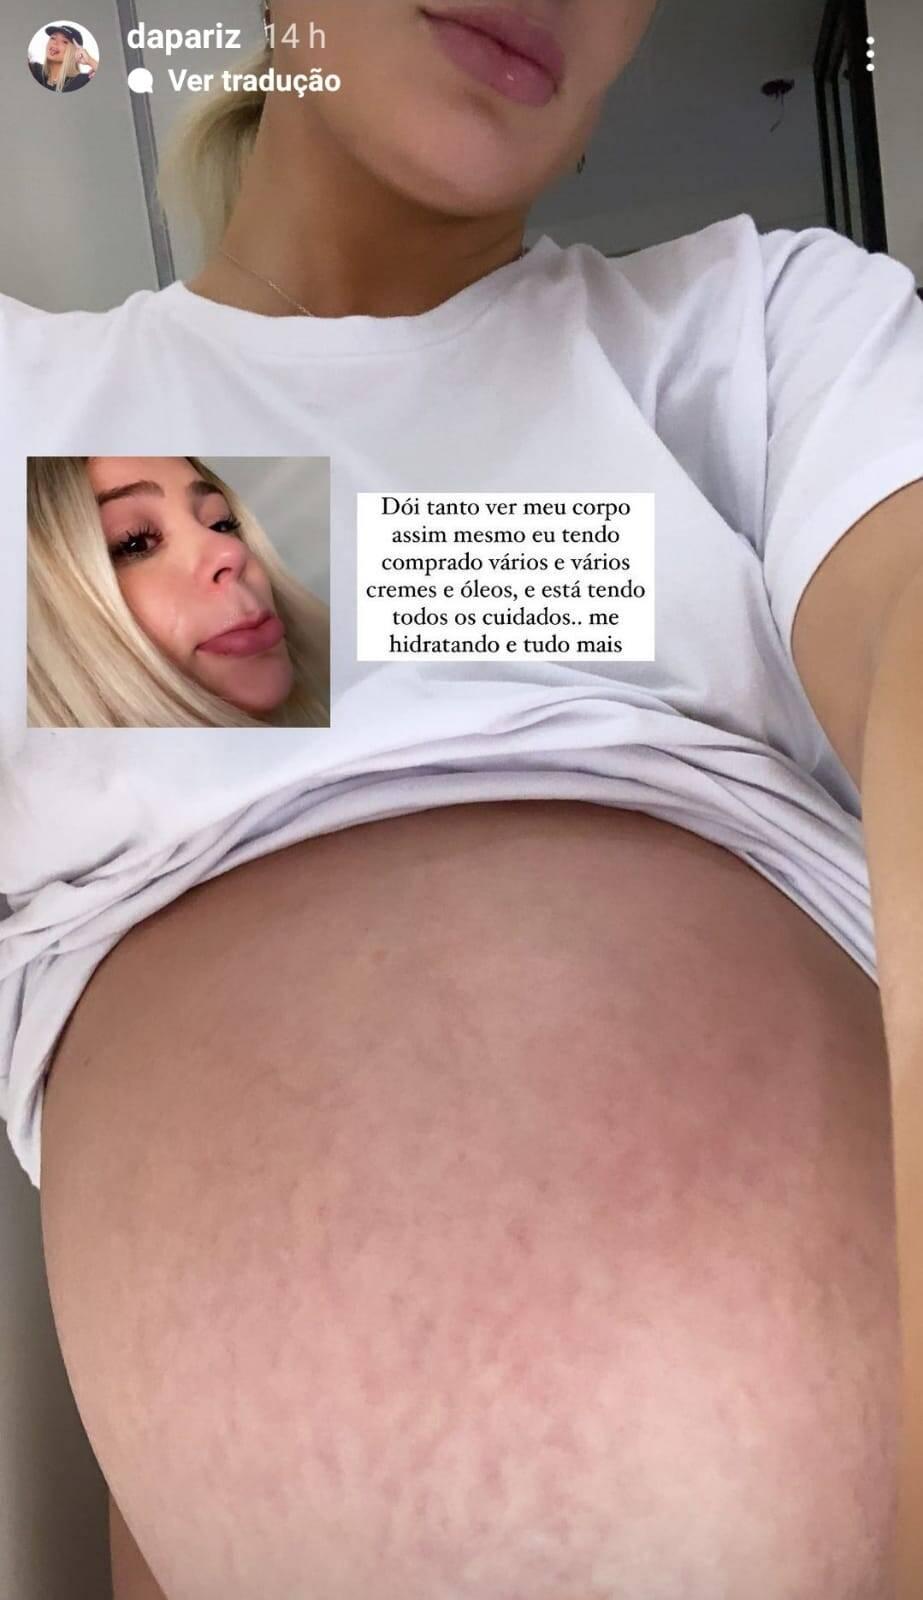 Stories de Dapariz falando sobre mudanças do corpo na gravidez. Foto: Reprodução/Instagram